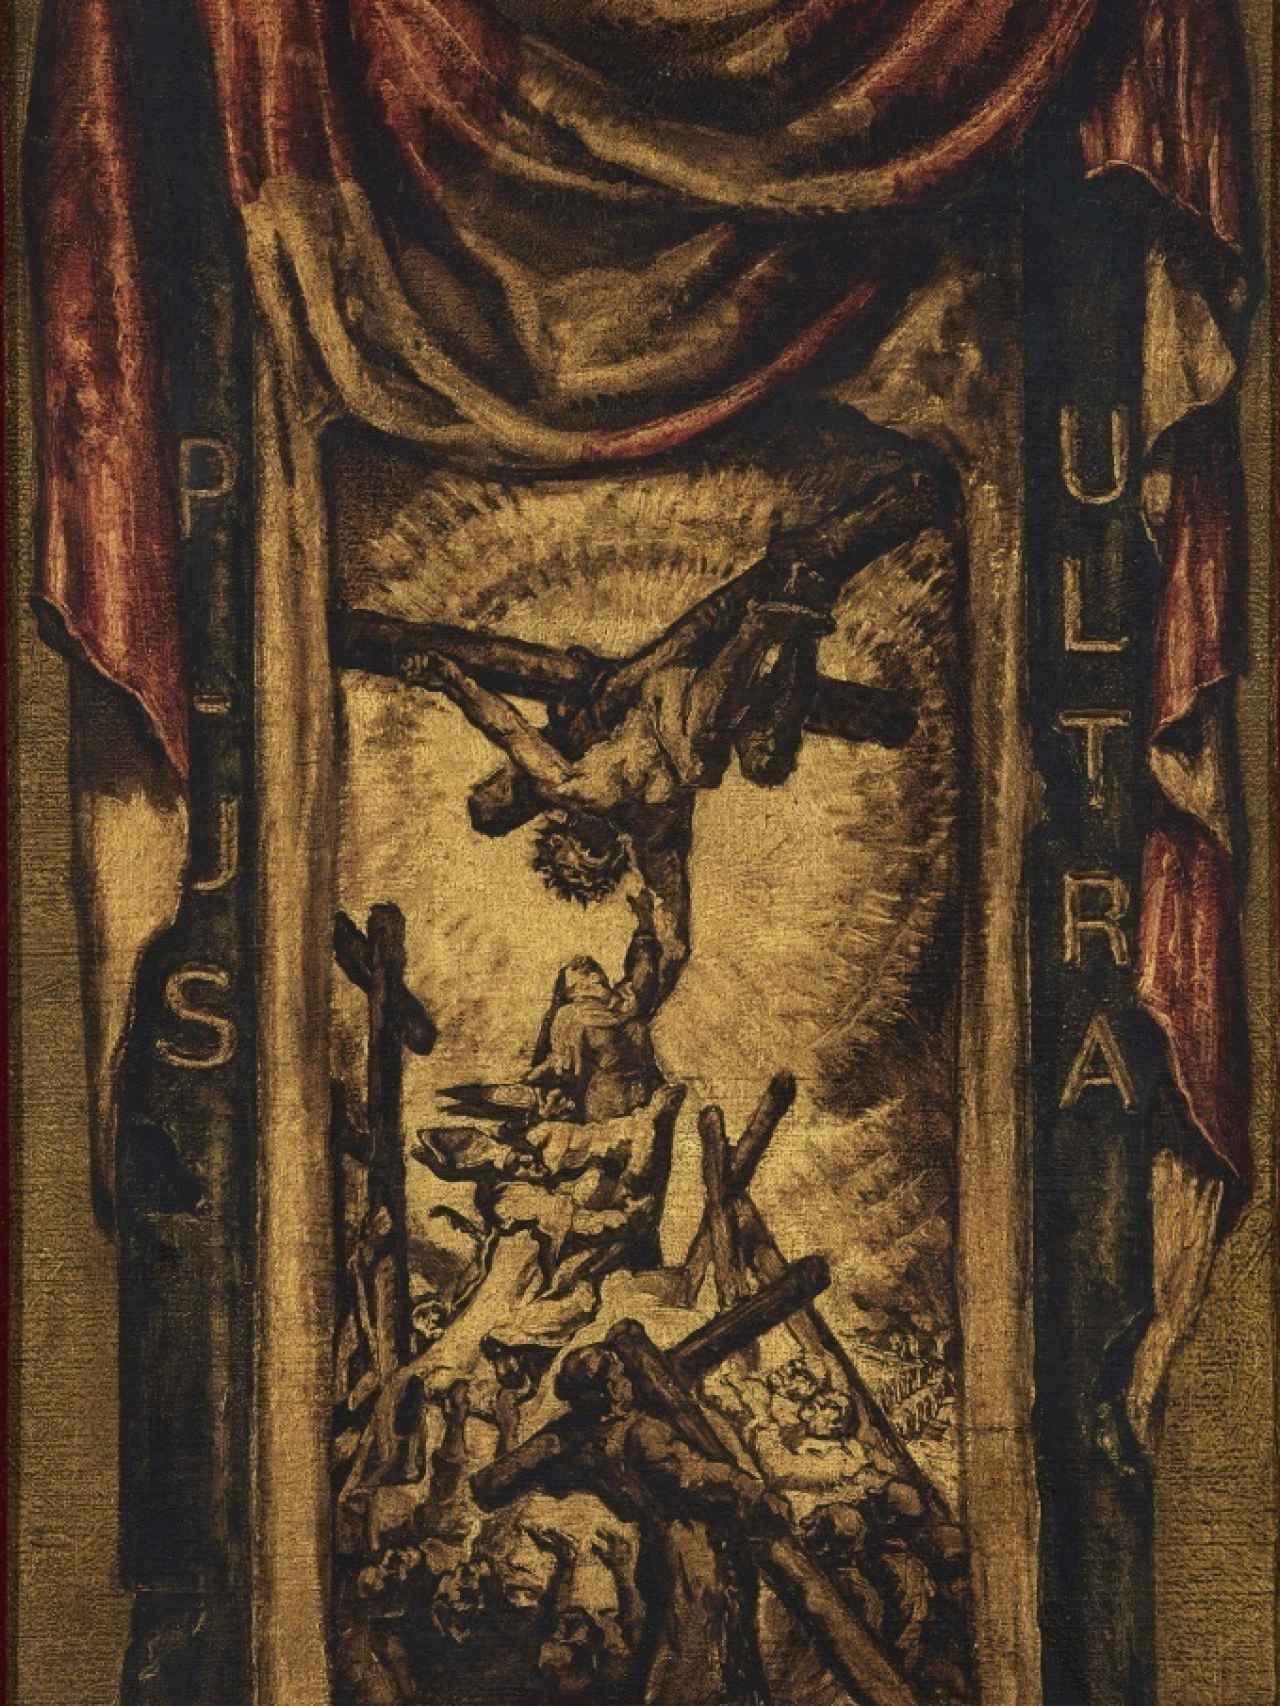 La obra comprada por el Museo Reina Sofía.